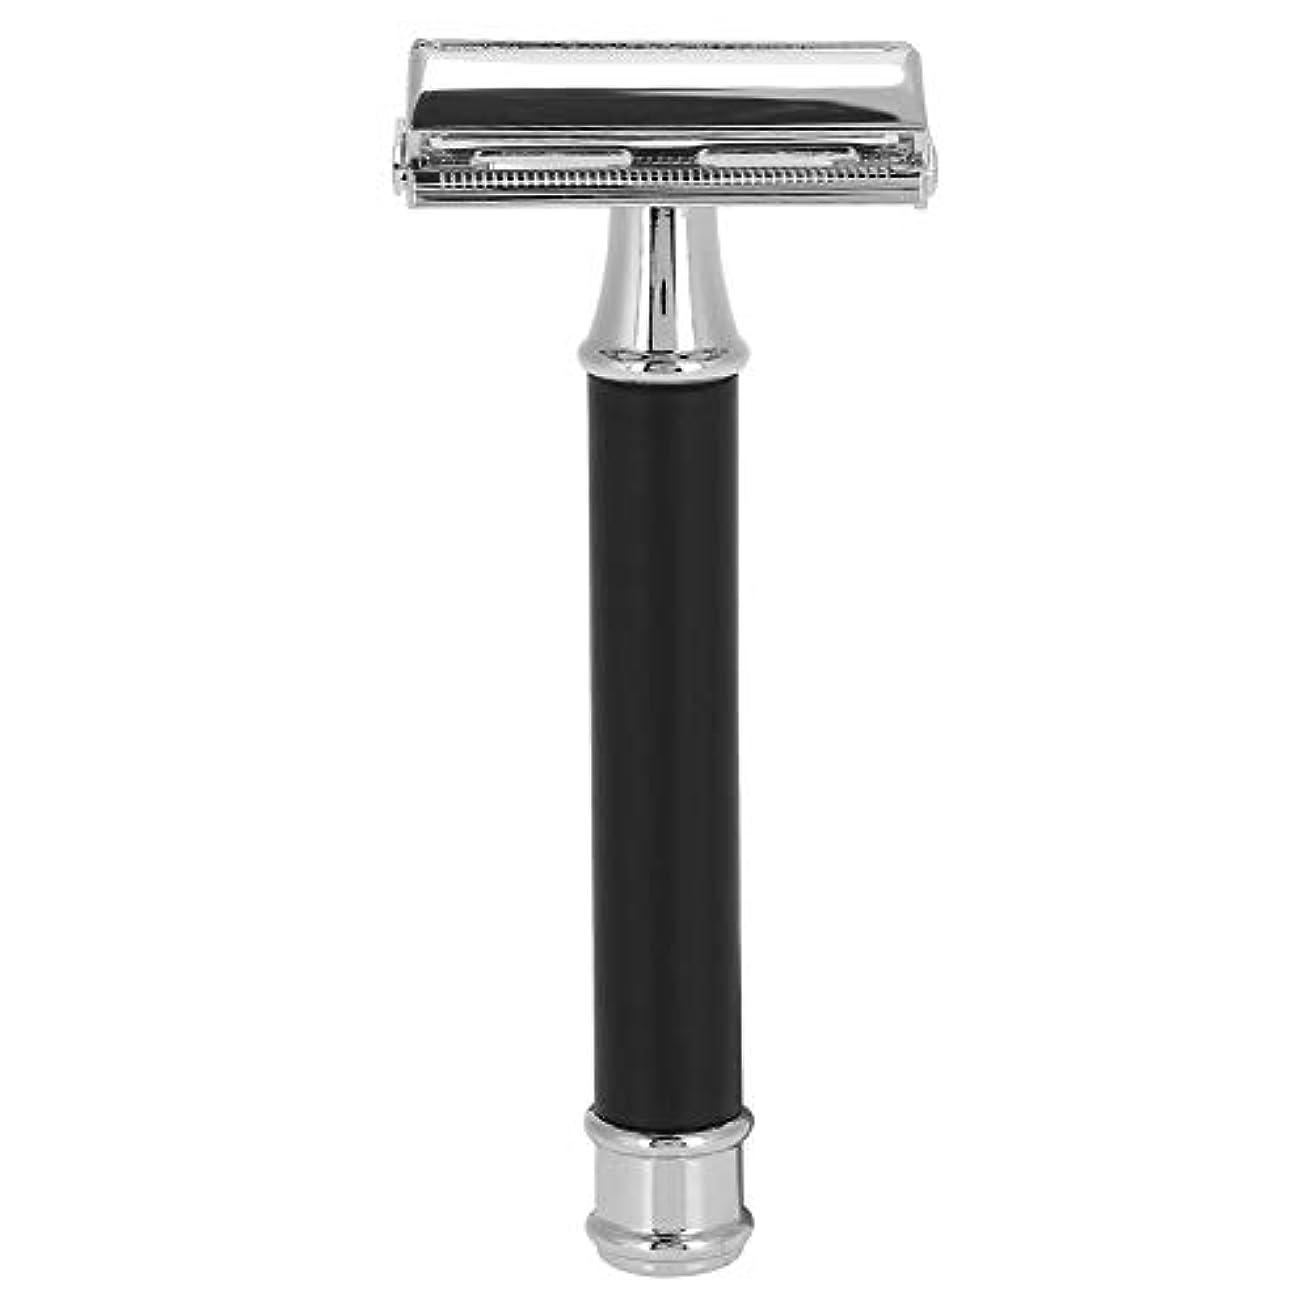 注ぎますモススキニーダブルエッジメンズカミソリ クラシック 安全性 かみそり 滑り止め シェーバー シェービング 毛処理 クロームメッキ ダブルエッジ 男性用かみそり ひげ剃り 再利用可能